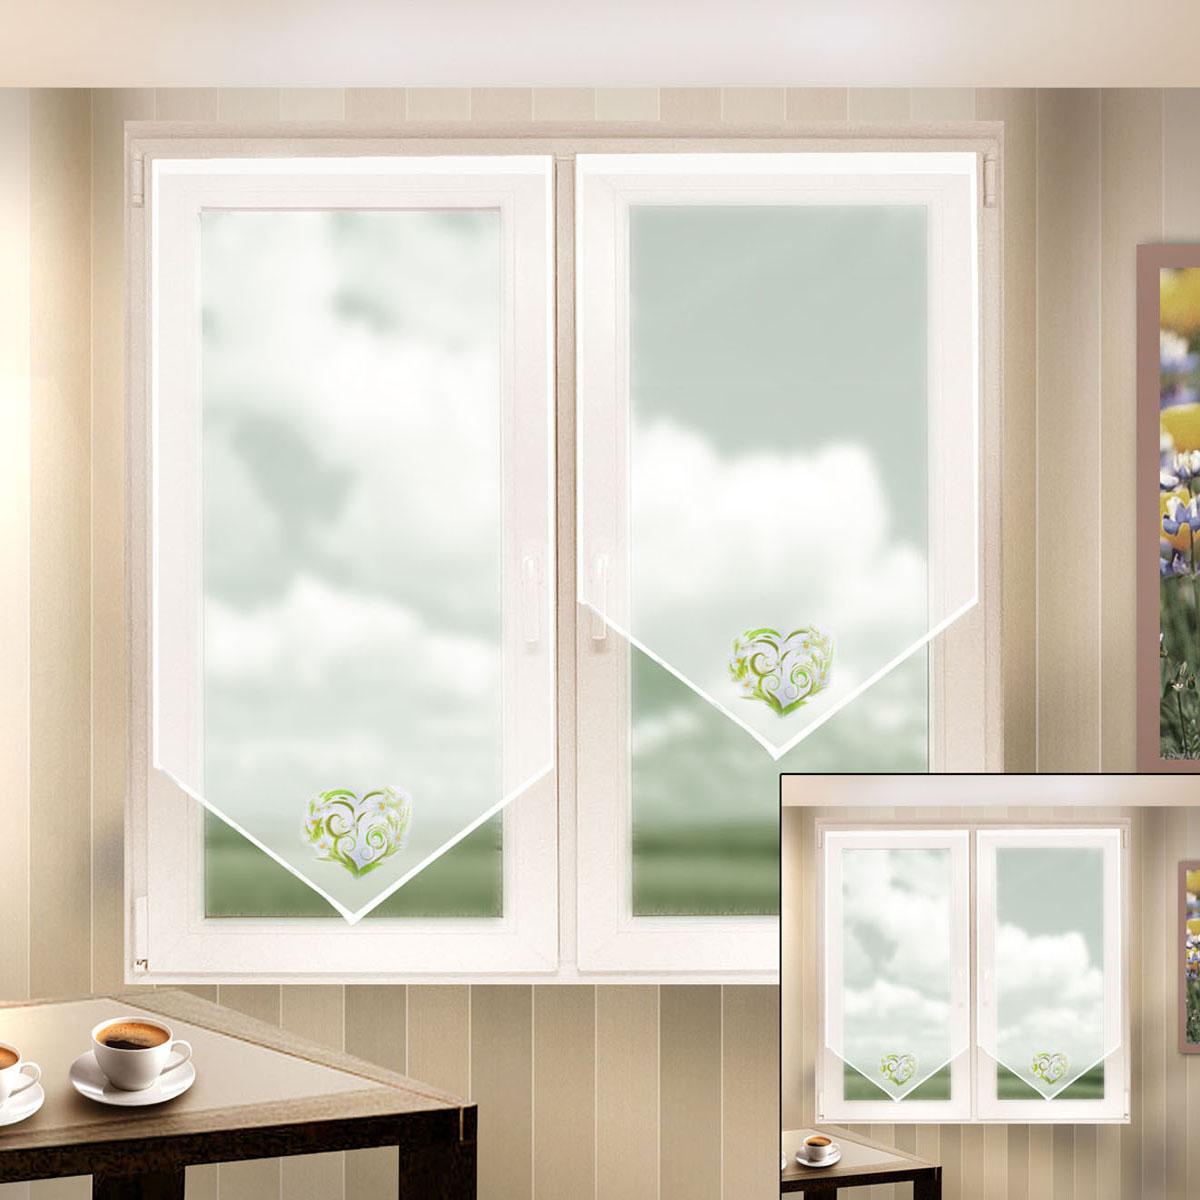 Гардина Zlata Korunka, на липкой ленте, цвет: белый, высота 90 см. 666052-2K100Гардина на липкой ленте Zlata Korunka, изготовленная из полиэстера, станет великолепным украшением любого окна. Полотно из белой вуали с печатным рисунком привлечет к себе внимание и органично впишется в интерьер комнаты. Лучшая альтернатива рулонным шторам - шторы на липкой ленте. Особенность этих штор заключается в том, что они имеют липкую основу в месте крепления. Лента или основа надежно и быстро крепится на раму окна, а на нее фиксируется сама штора.